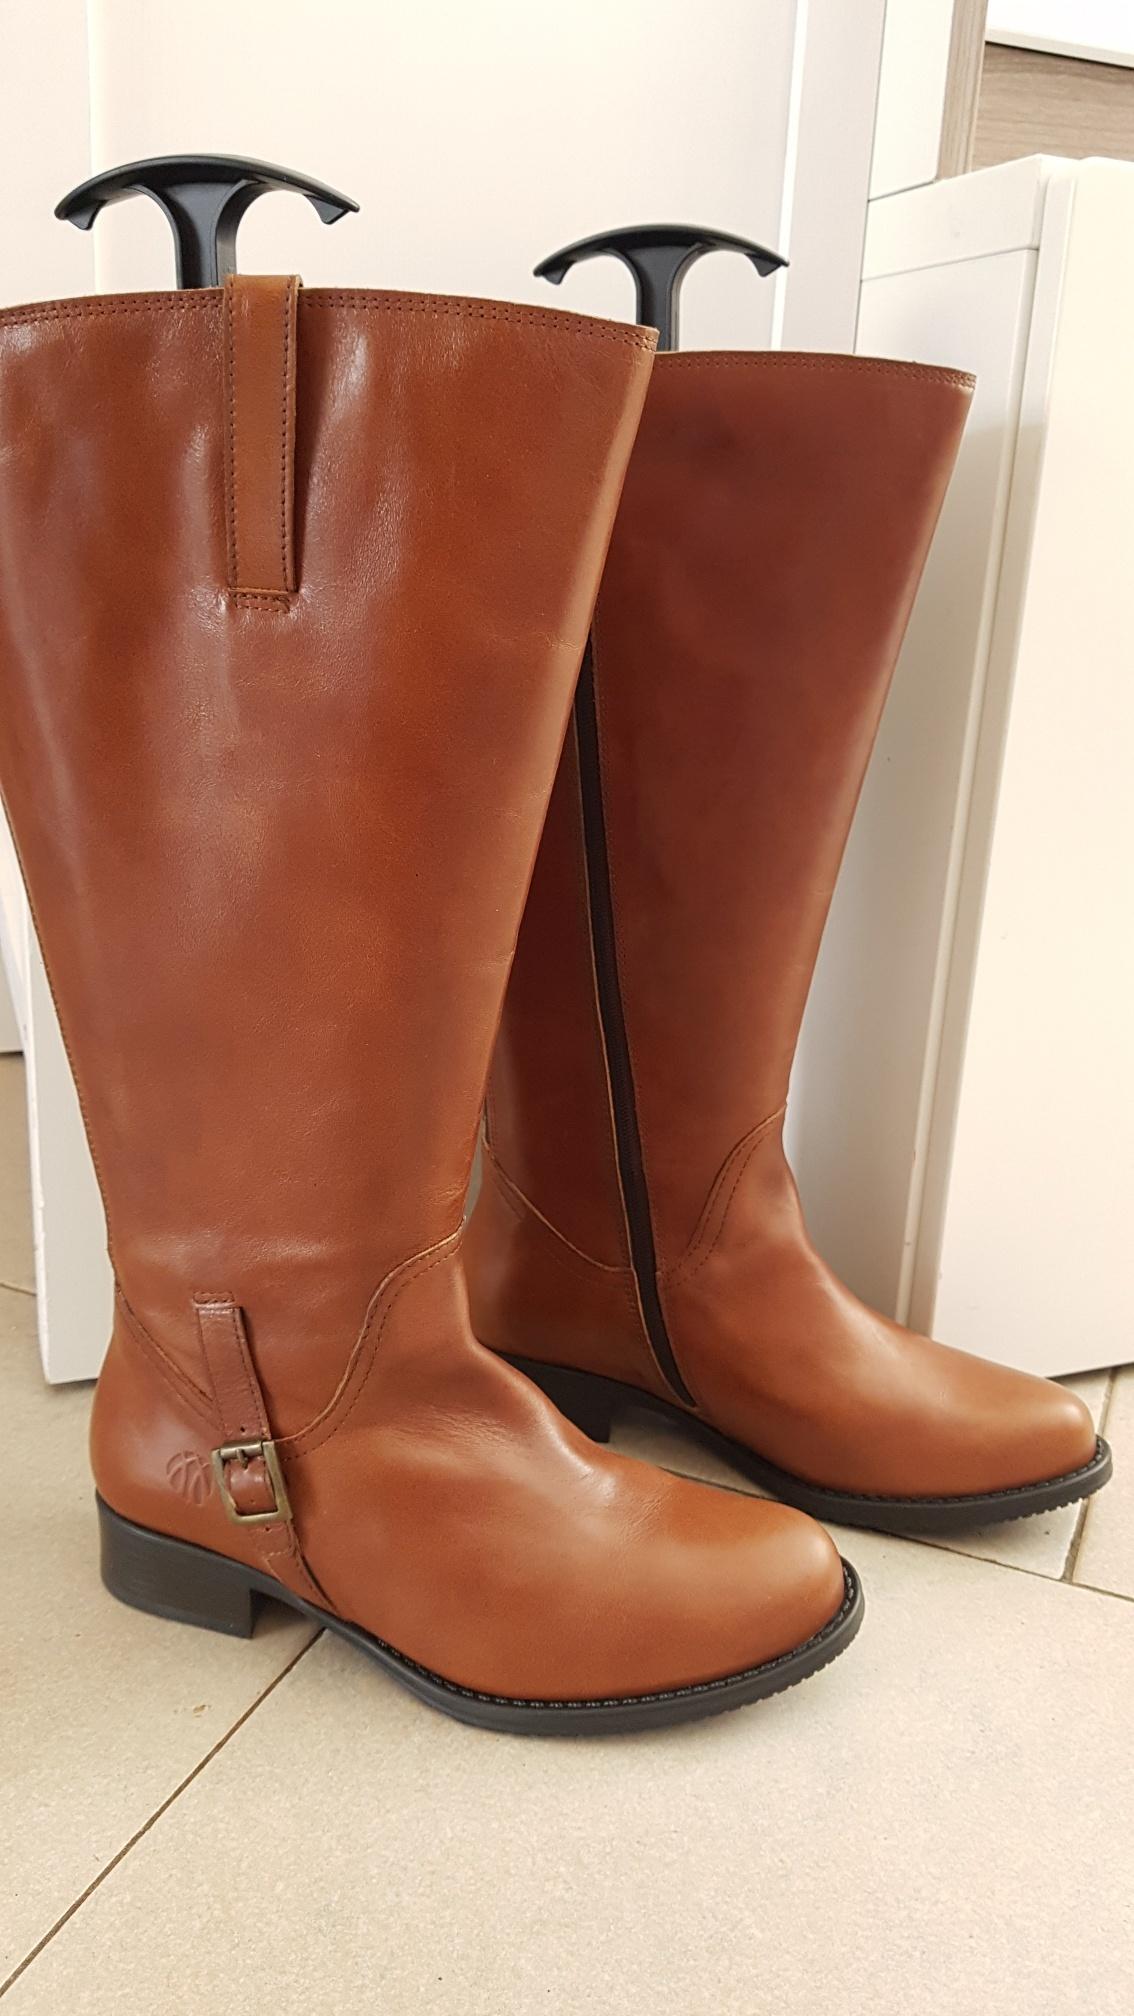 Beste Laarzen met brede schacht voor vrouwen met dikke kuiten VP-71